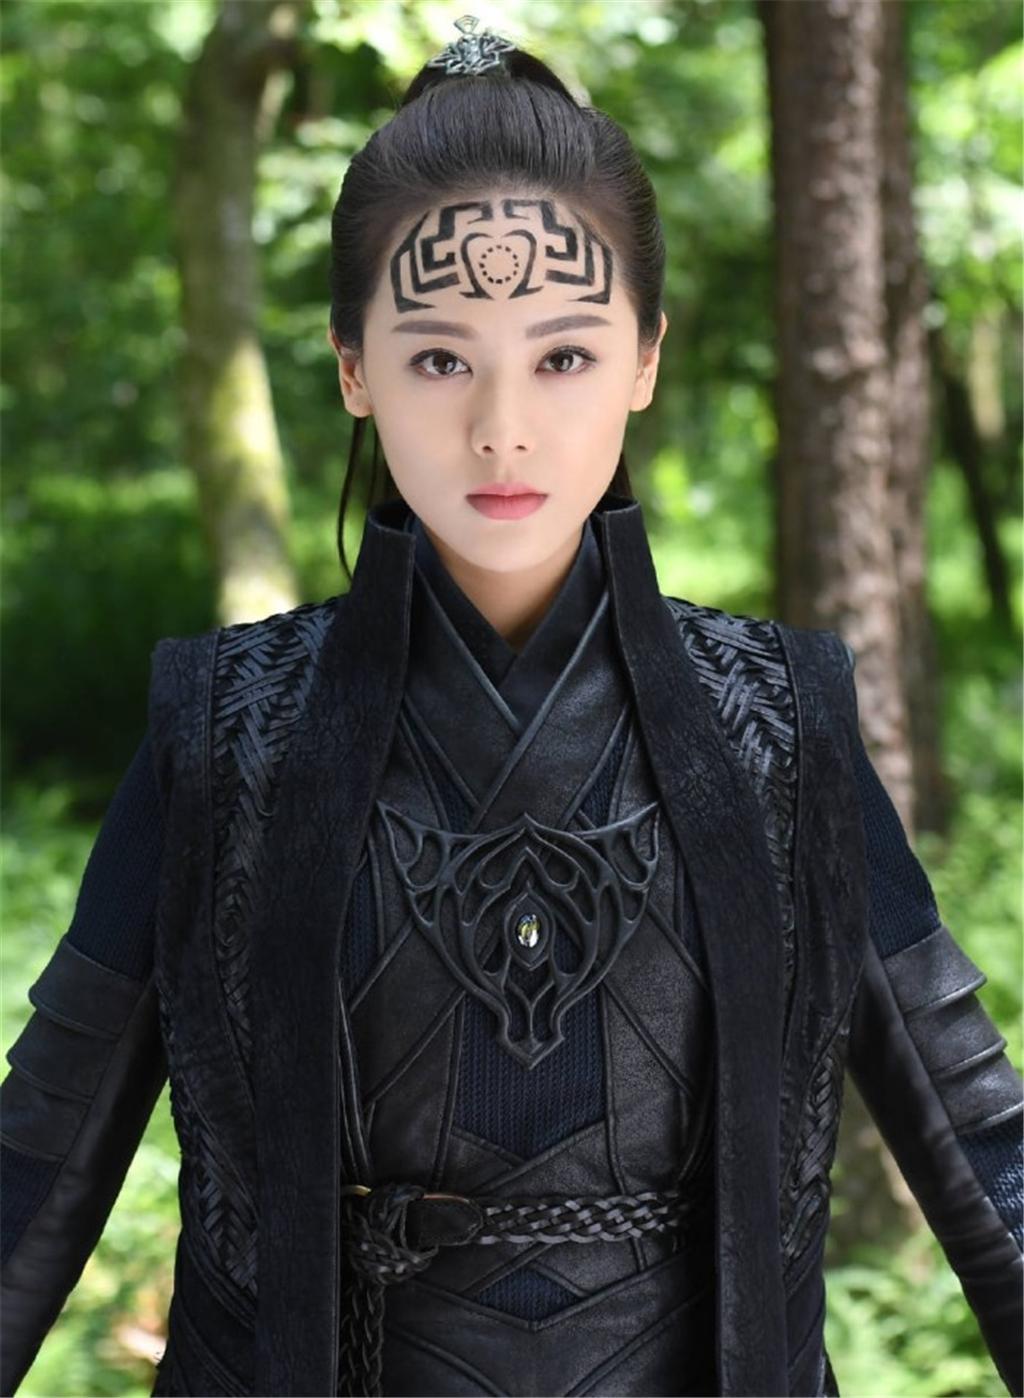 异能小说:且看女主重拾符术,慧眼断阴阳,妙手绘灵符终成符师!